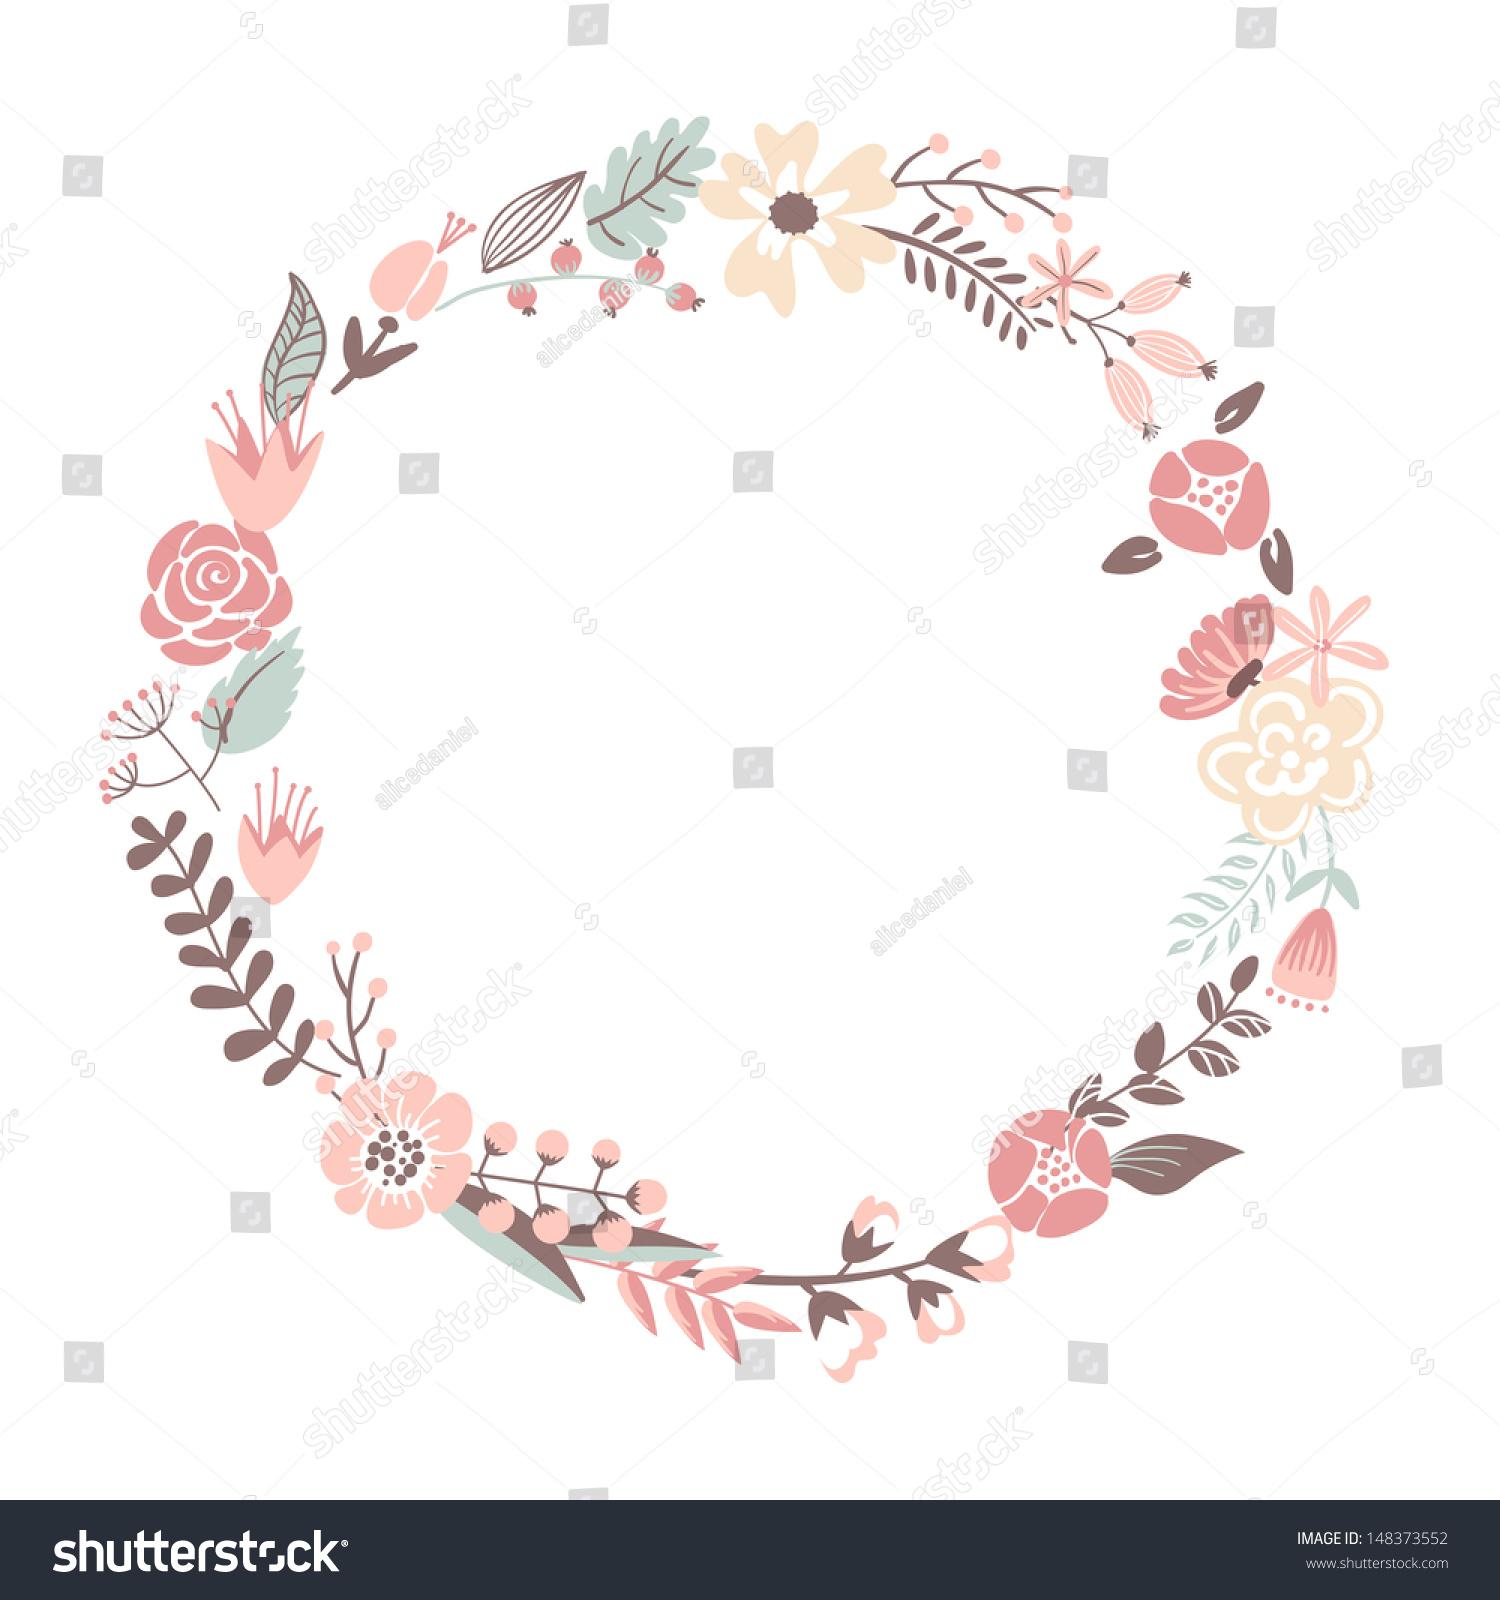 Rustic flower border clip art round flower frame stock vectors